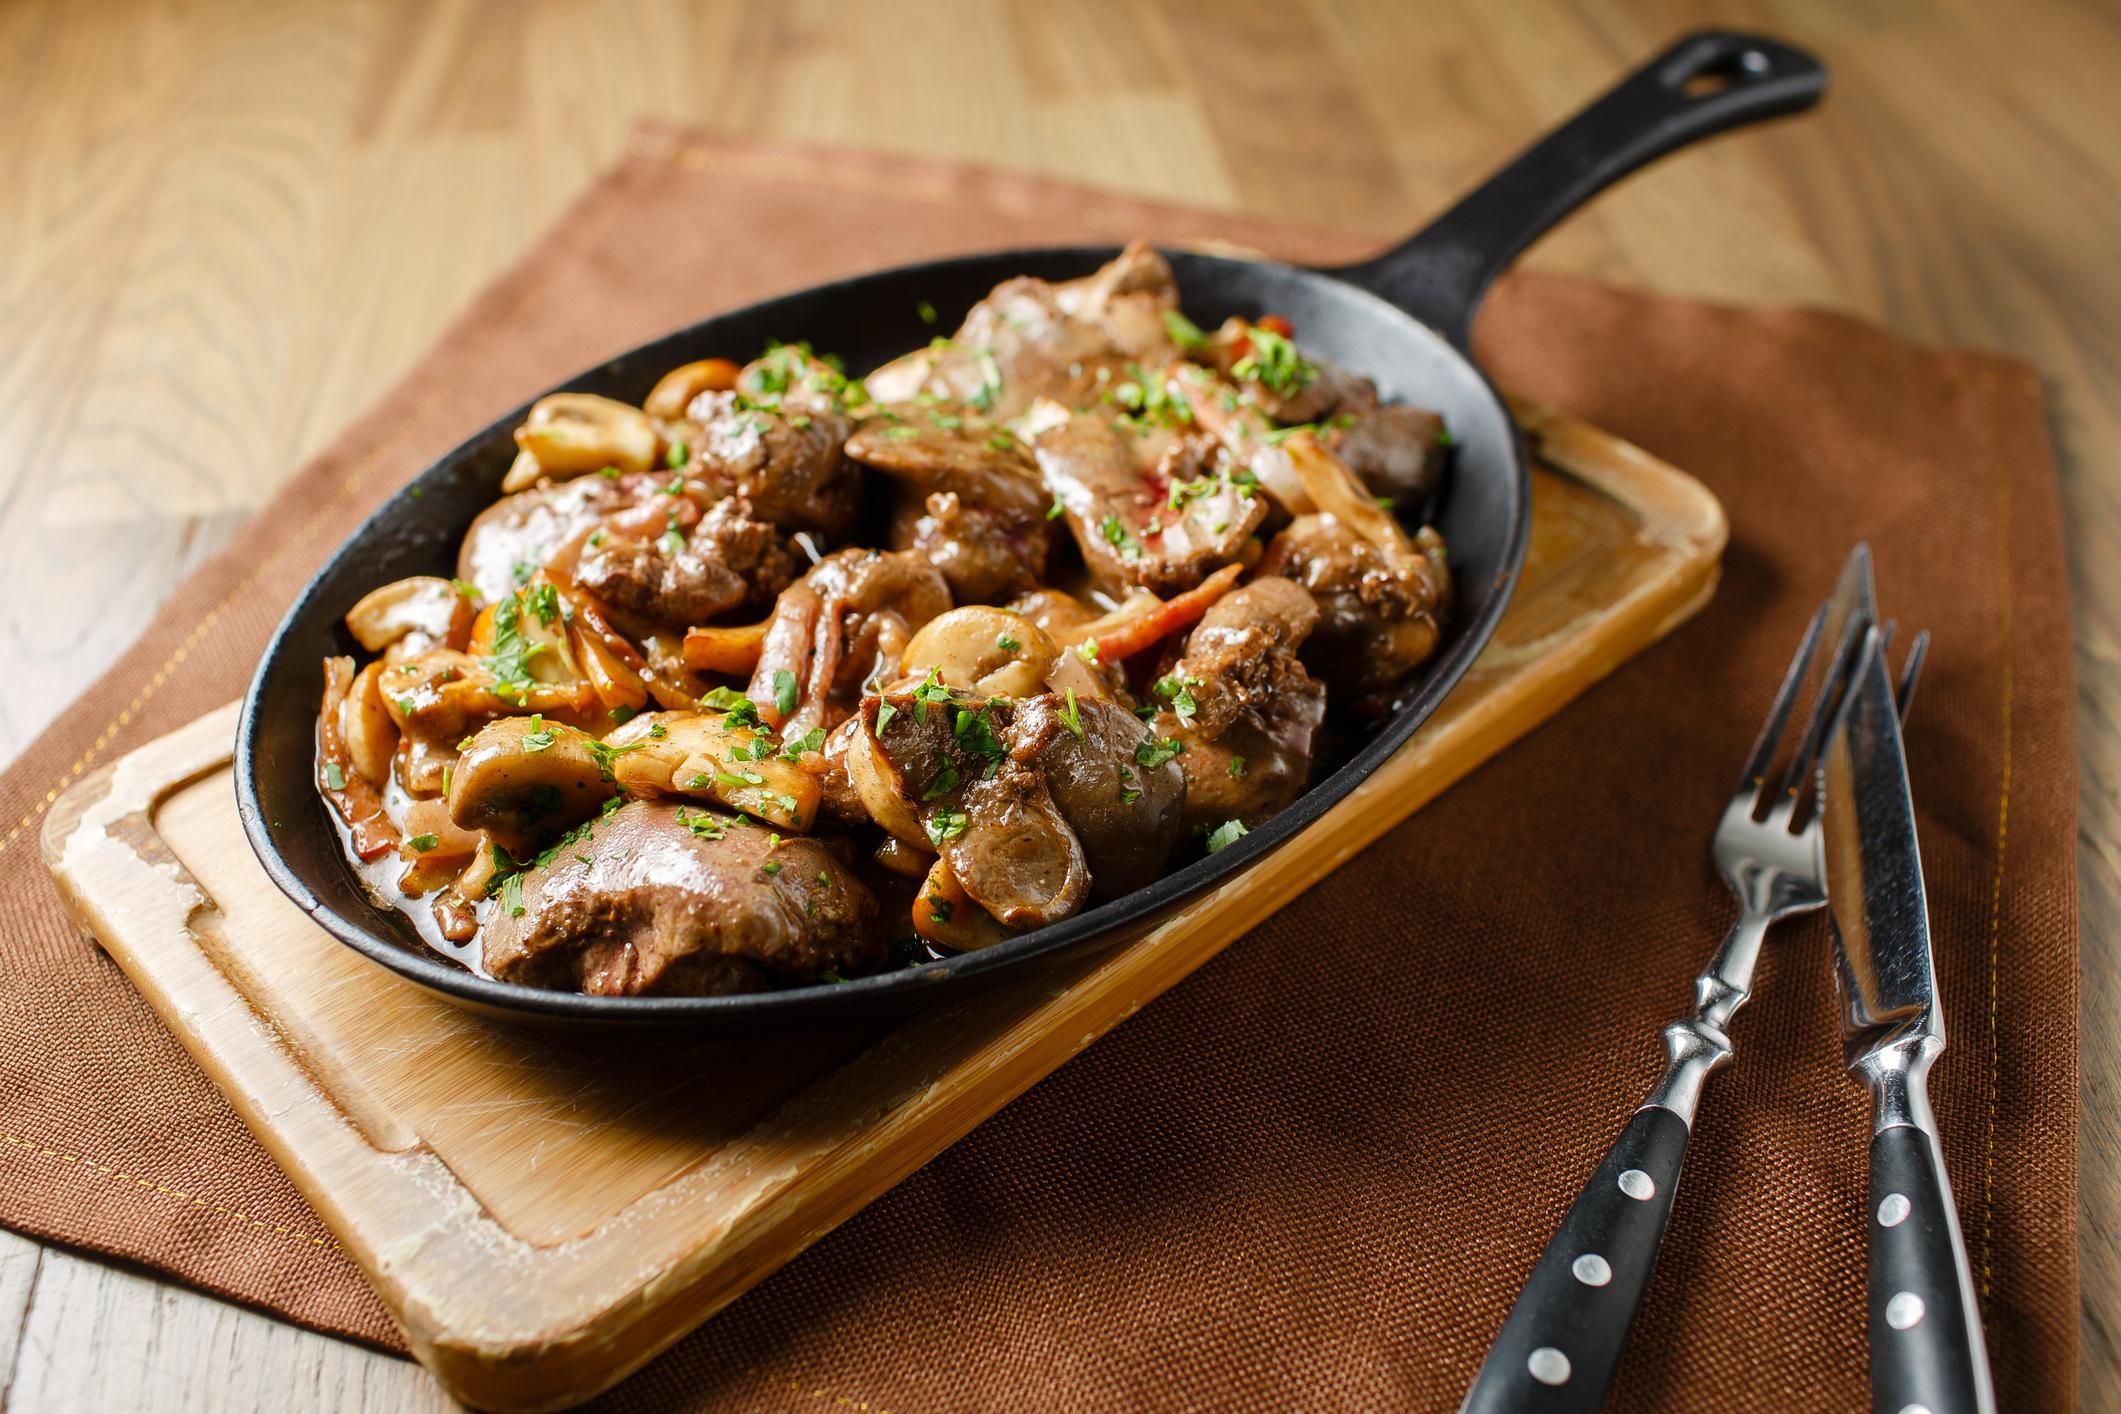 Wątróbka z boczkiem i grzybami: proste danie obiadowe